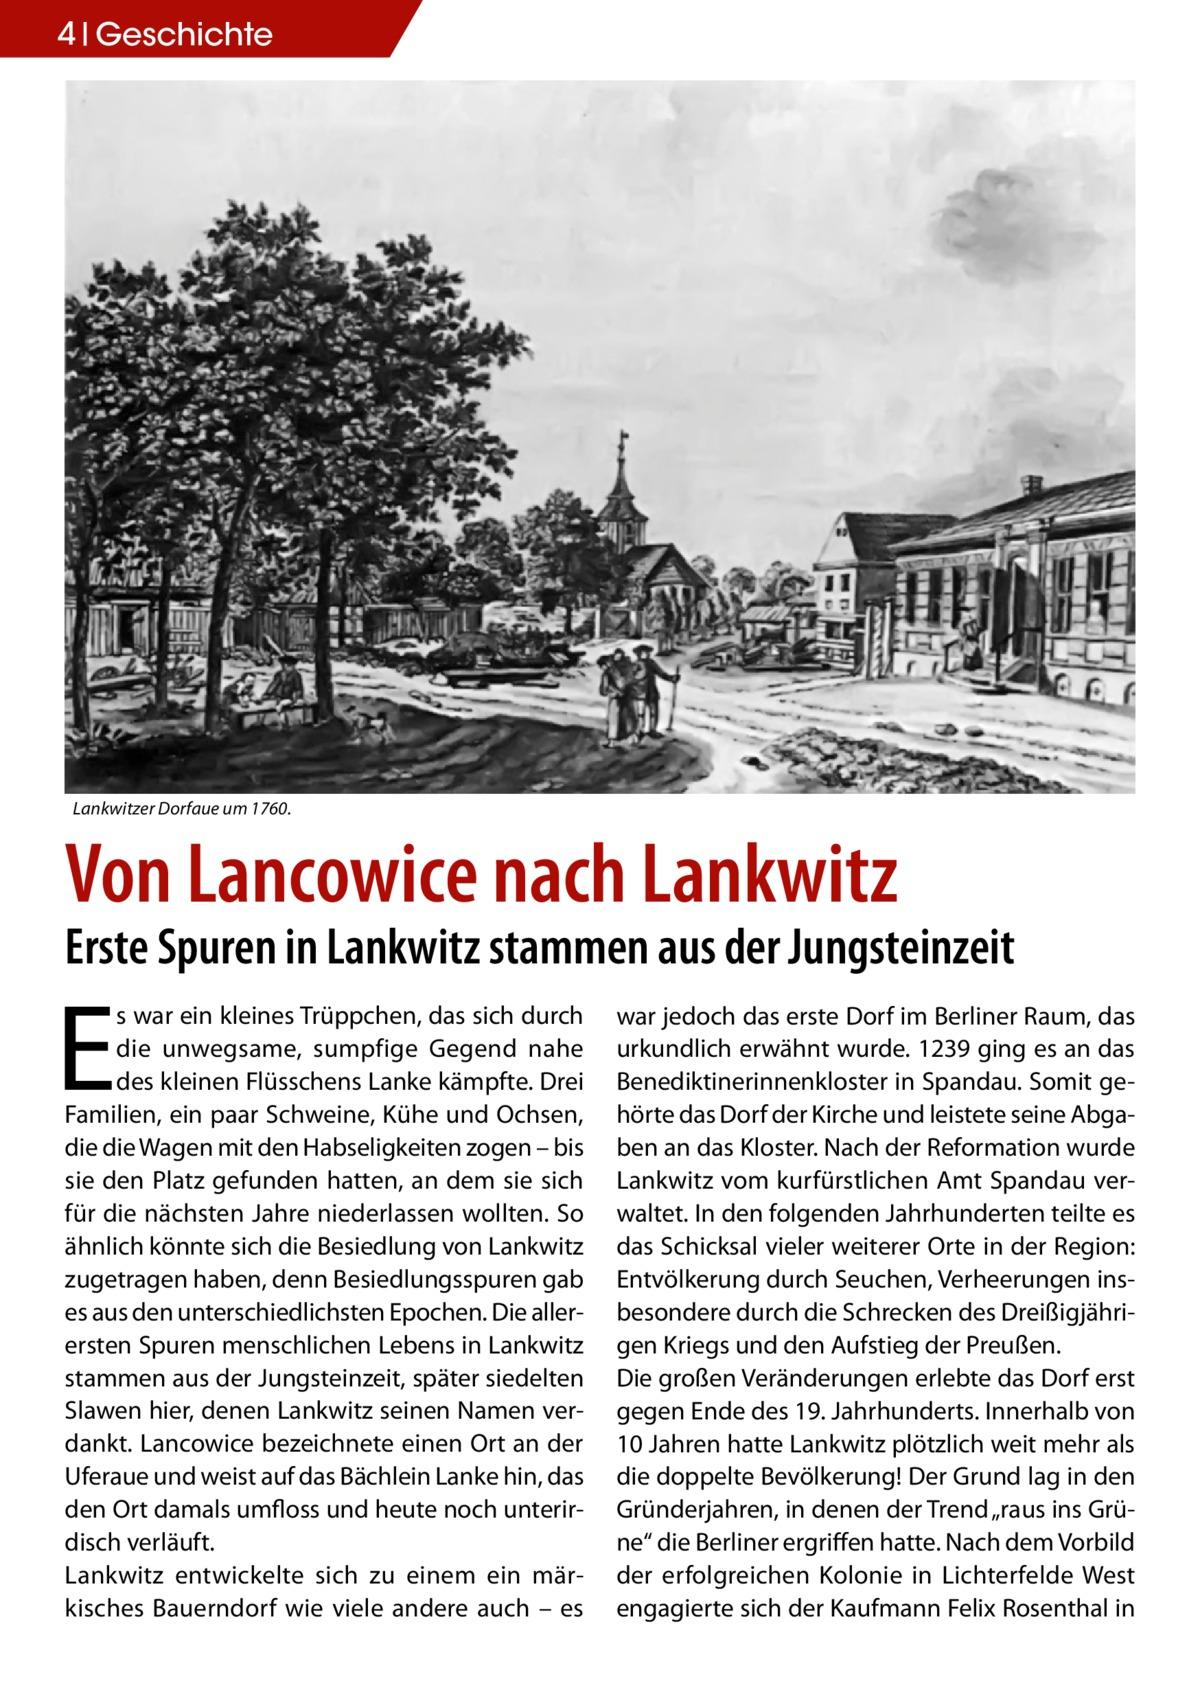 """4 Geschichte  Lankwitzer Dorfaue um 1760.  Von Lancowice nach Lankwitz  Erste Spuren in Lankwitz stammen aus der Jungsteinzeit  E  s war ein kleines Trüppchen, das sich durch die unwegsame, sumpfige Gegend nahe des kleinen Flüsschens Lanke kämpfte. Drei Familien, ein paar Schweine, Kühe und Ochsen, die die Wagen mit den Habseligkeiten zogen – bis sie den Platz gefunden hatten, an dem sie sich für die nächsten Jahre niederlassen wollten. So ähnlich könnte sich die Besiedlung von Lankwitz zugetragen haben, denn Besiedlungsspuren gab es aus den unterschiedlichsten Epochen. Die allerersten Spuren menschlichen Lebens in Lankwitz stammen aus der Jungsteinzeit, später siedelten Slawen hier, denen Lankwitz seinen Namen verdankt. Lancowice bezeichnete einen Ort an der Uferaue und weist auf das Bächlein Lanke hin, das den Ort damals umfloss und heute noch unterirdisch verläuft. Lankwitz entwickelte sich zu einem ein märkisches Bauerndorf wie viele andere auch – es  war jedoch das erste Dorf im Berliner Raum, das urkundlich erwähnt wurde. 1239 ging es an das Benediktinerinnenkloster in Spandau. Somit gehörte das Dorf der Kirche und leistete seine Abgaben an das Kloster. Nach der Reformation wurde Lankwitz vom kurfürstlichen Amt Spandau verwaltet. In den folgenden Jahrhunderten teilte es das Schicksal vieler weiterer Orte in der Region: Entvölkerung durch Seuchen, Verheerungen insbesondere durch die Schrecken des Dreißigjährigen Kriegs und den Aufstieg der Preußen. Die großen Veränderungen erlebte das Dorf erst gegen Ende des 19. Jahrhunderts. Innerhalb von 10 Jahren hatte Lankwitz plötzlich weit mehr als die doppelte Bevölkerung! Der Grund lag in den Gründerjahren, in denen der Trend """"raus ins Grüne"""" die Berliner ergriffen hatte. Nach dem Vorbild der erfolgreichen Kolonie in Lichterfelde West engagierte sich der Kaufmann Felix Rosenthal in"""